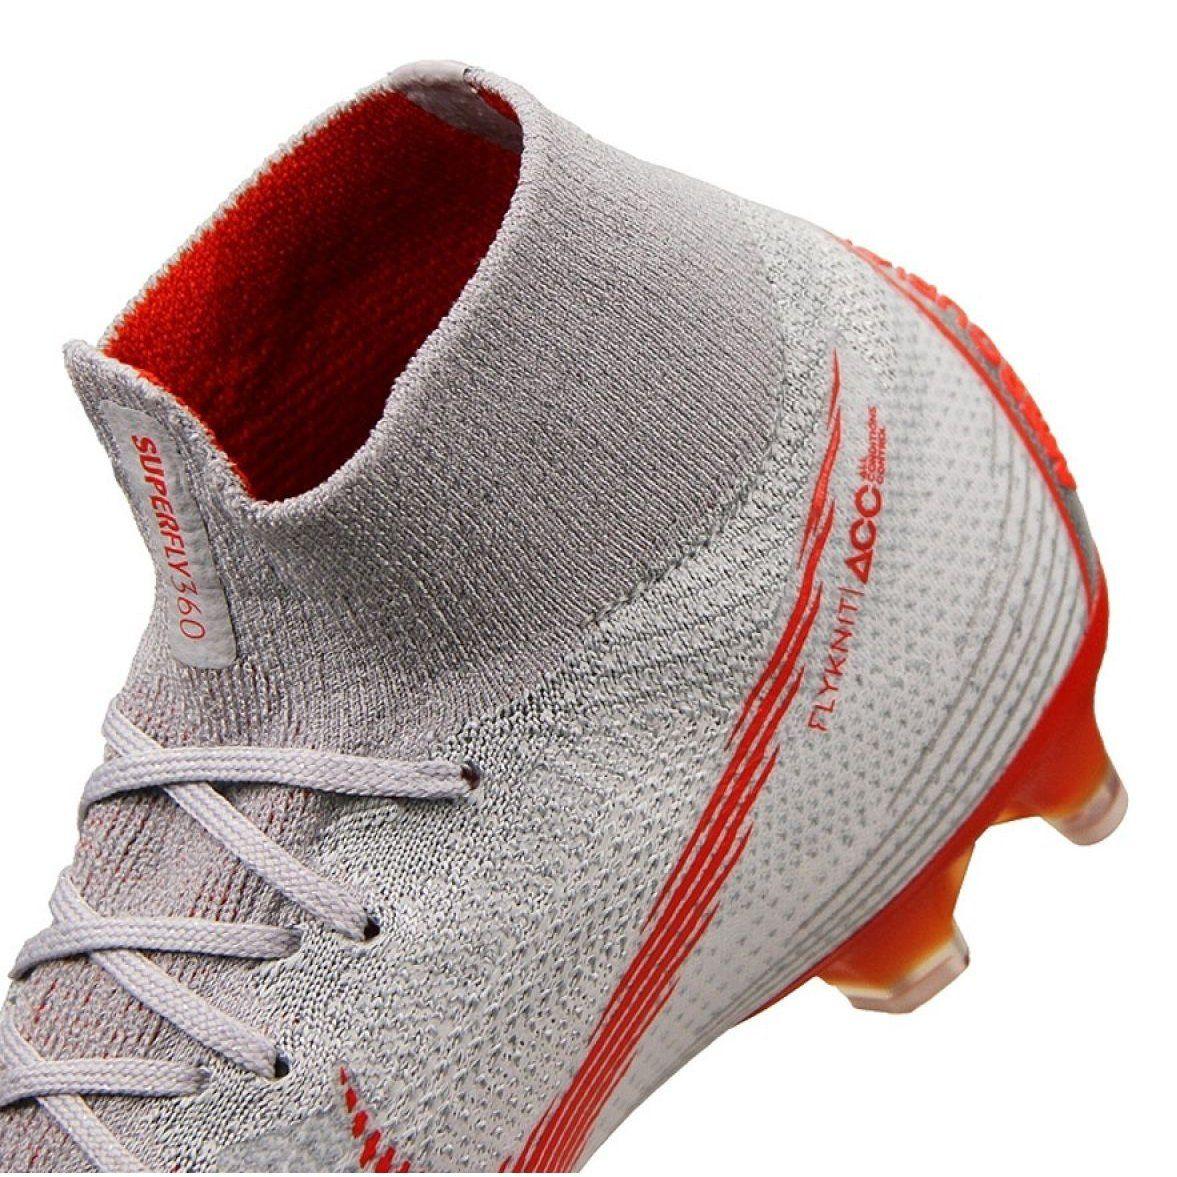 Buty Pilkarskie Nike Mercurial Superfly 6 Elite Ag Pro M Ah7377 060 Biale Biale Nike Superfly Shoes